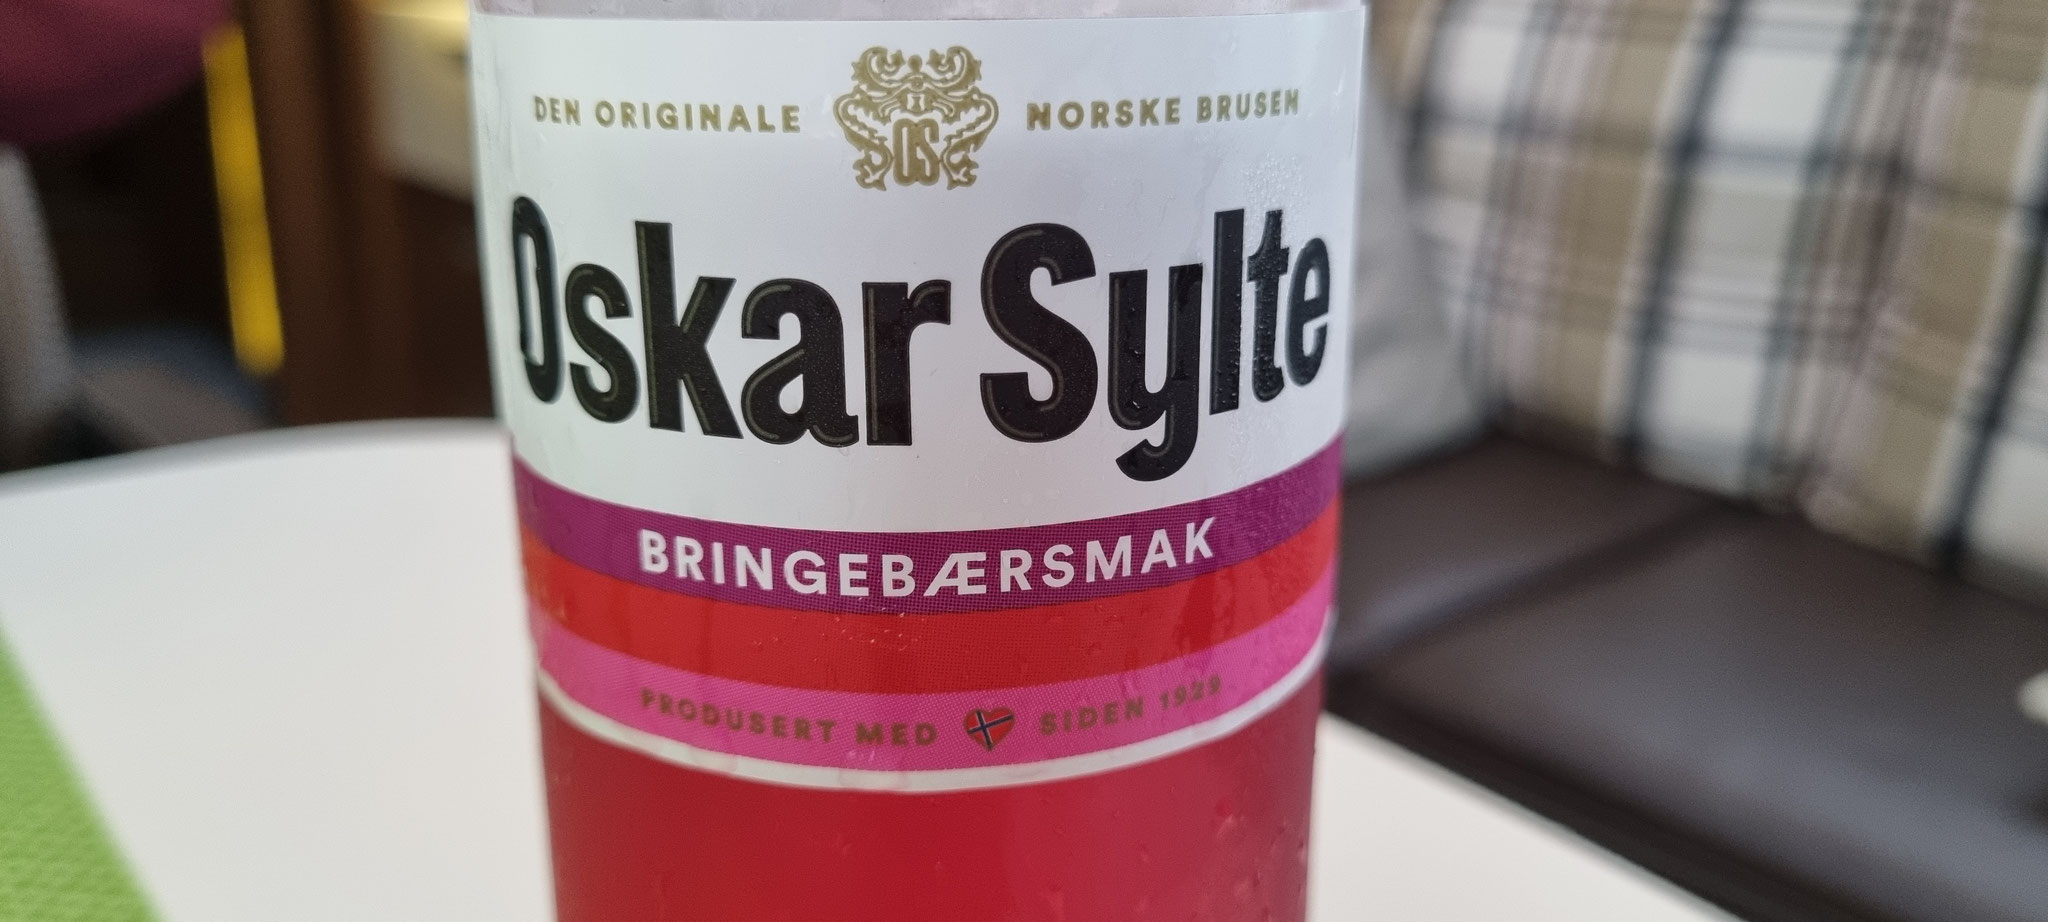 Die letzte Oskar Sylte-Brause aus Norwegen :(